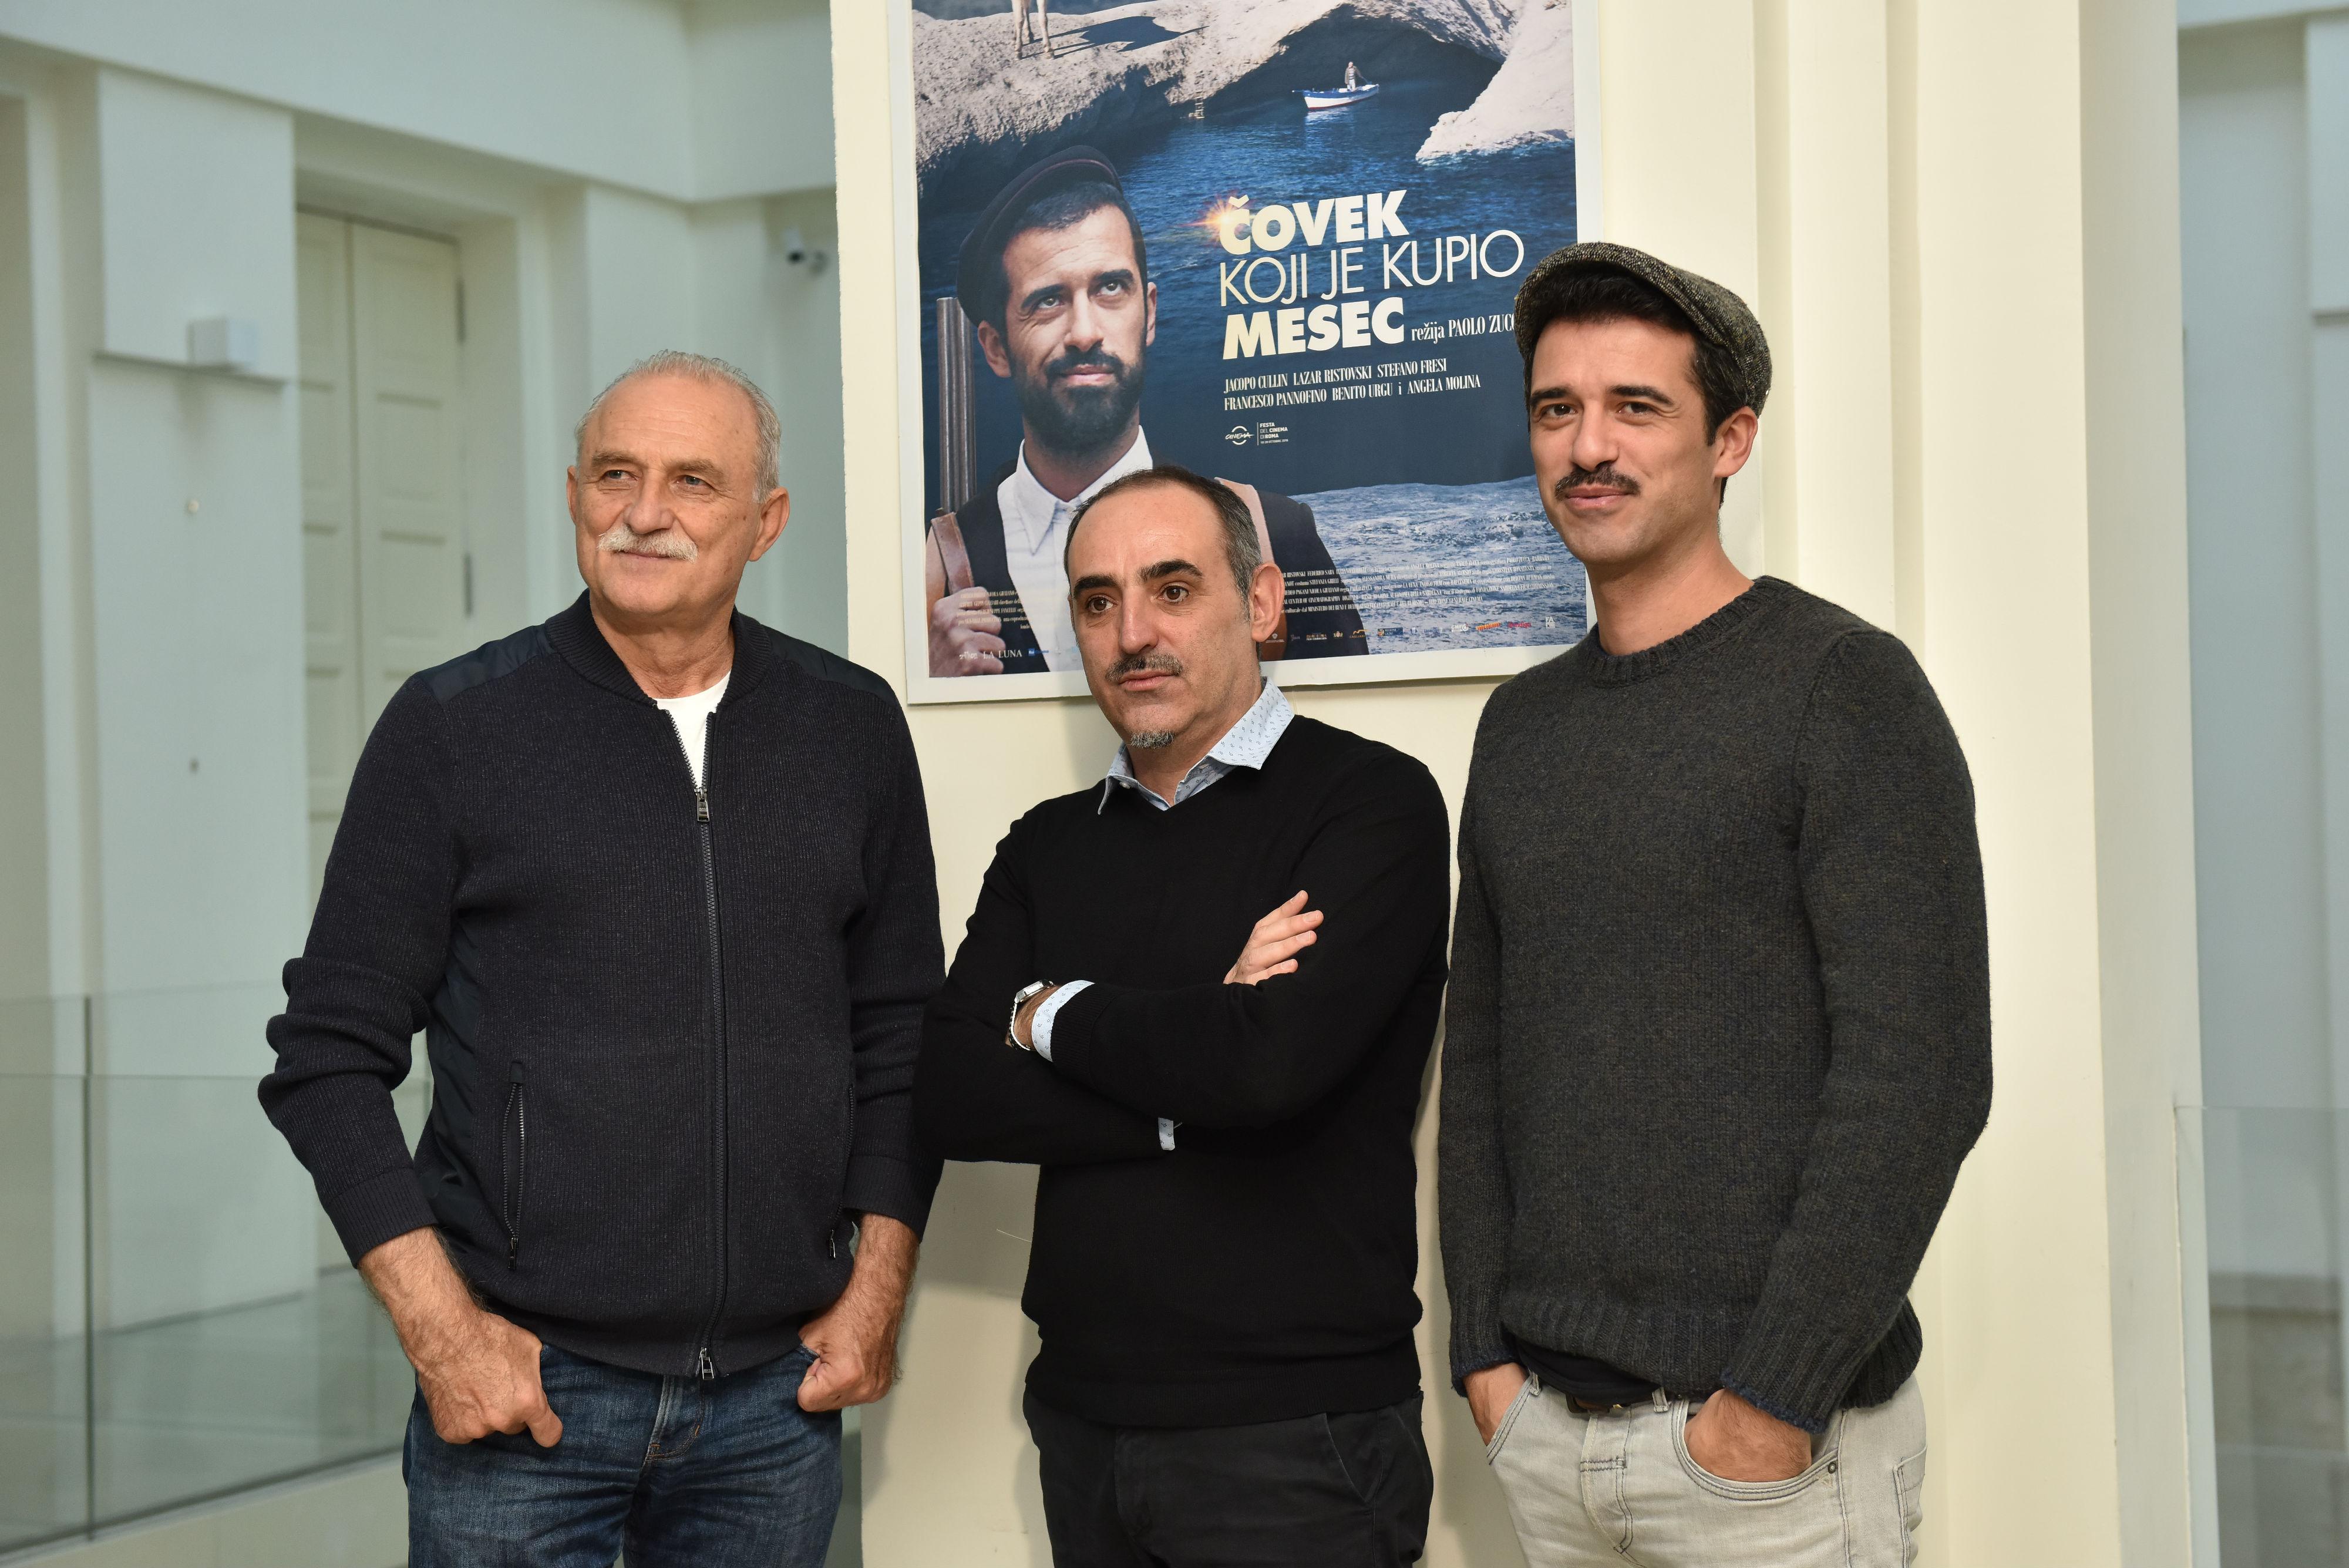 Reditelj Paolo Zucca i glumac Jacopo Cullin stigli u Beograd na premijeru italijanske komedije  ČOVEK KOJI JE KUPIO MESEC